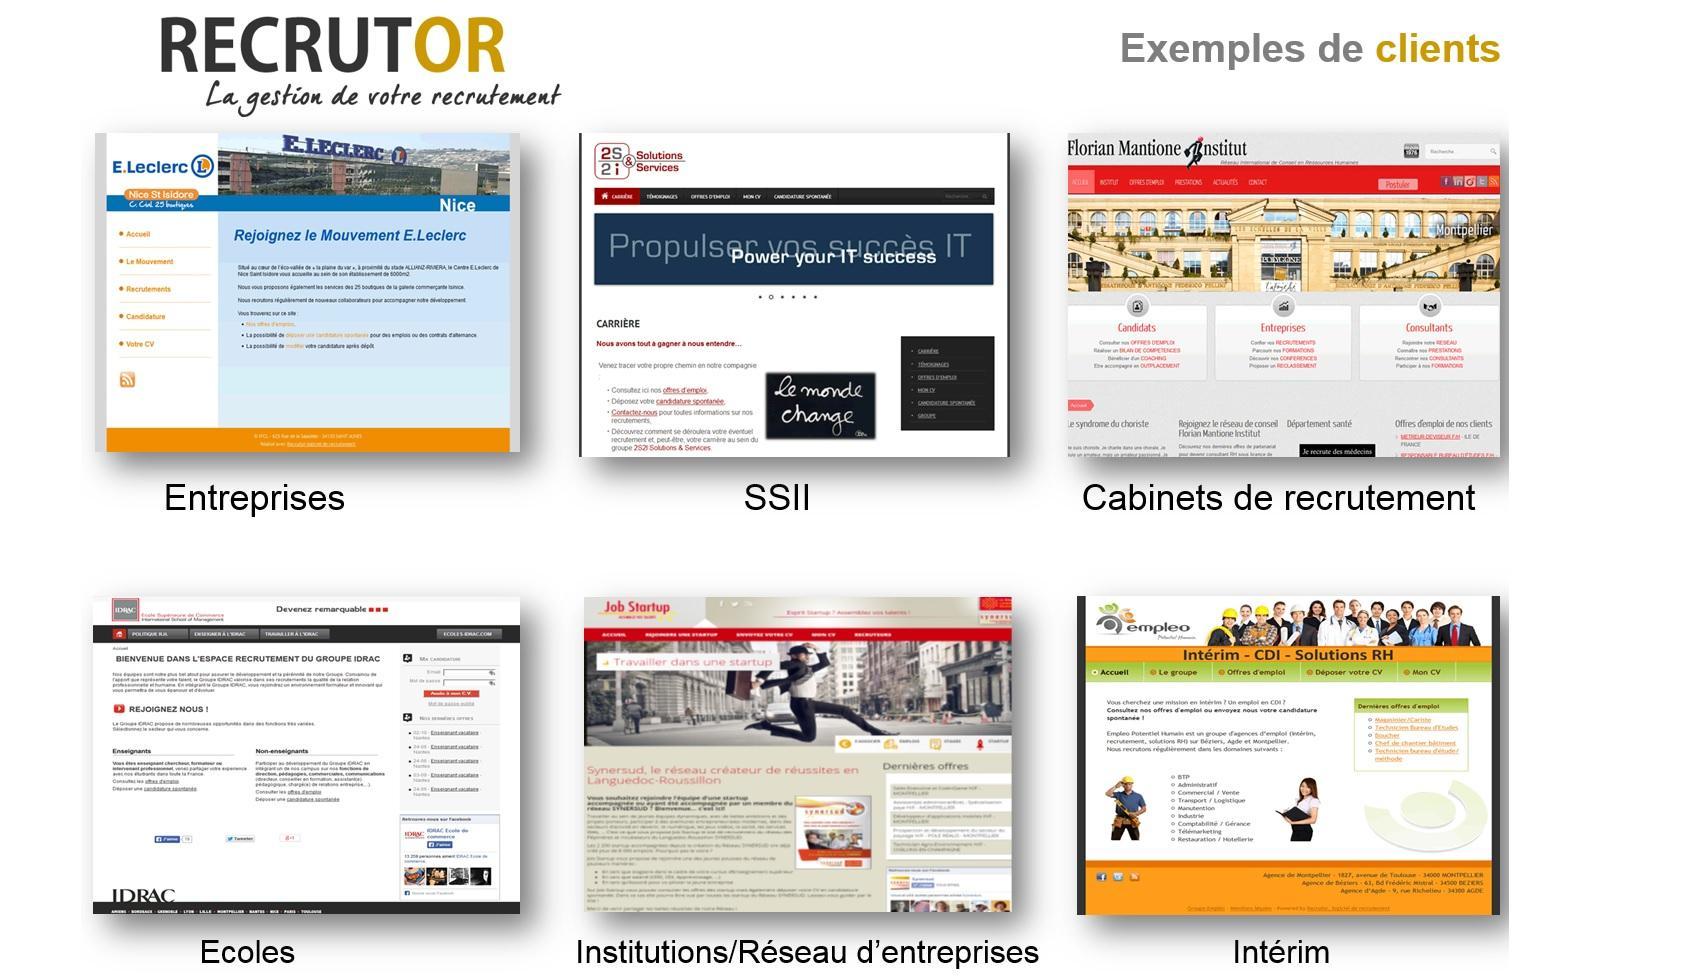 Exemples de clients RECRUTOR